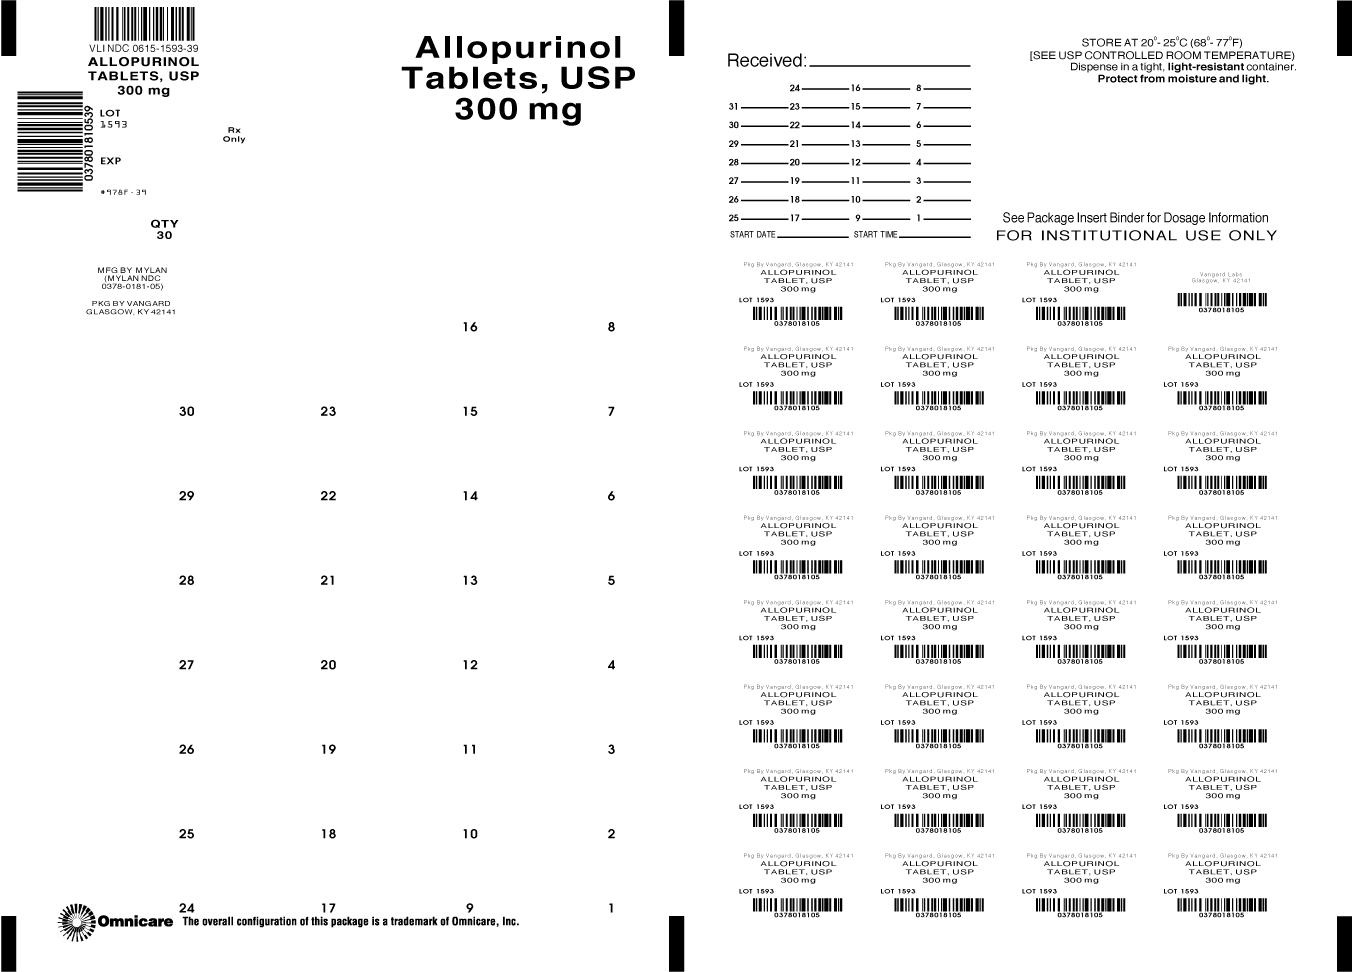 Principal Display Panel-Allopurinol 300mg